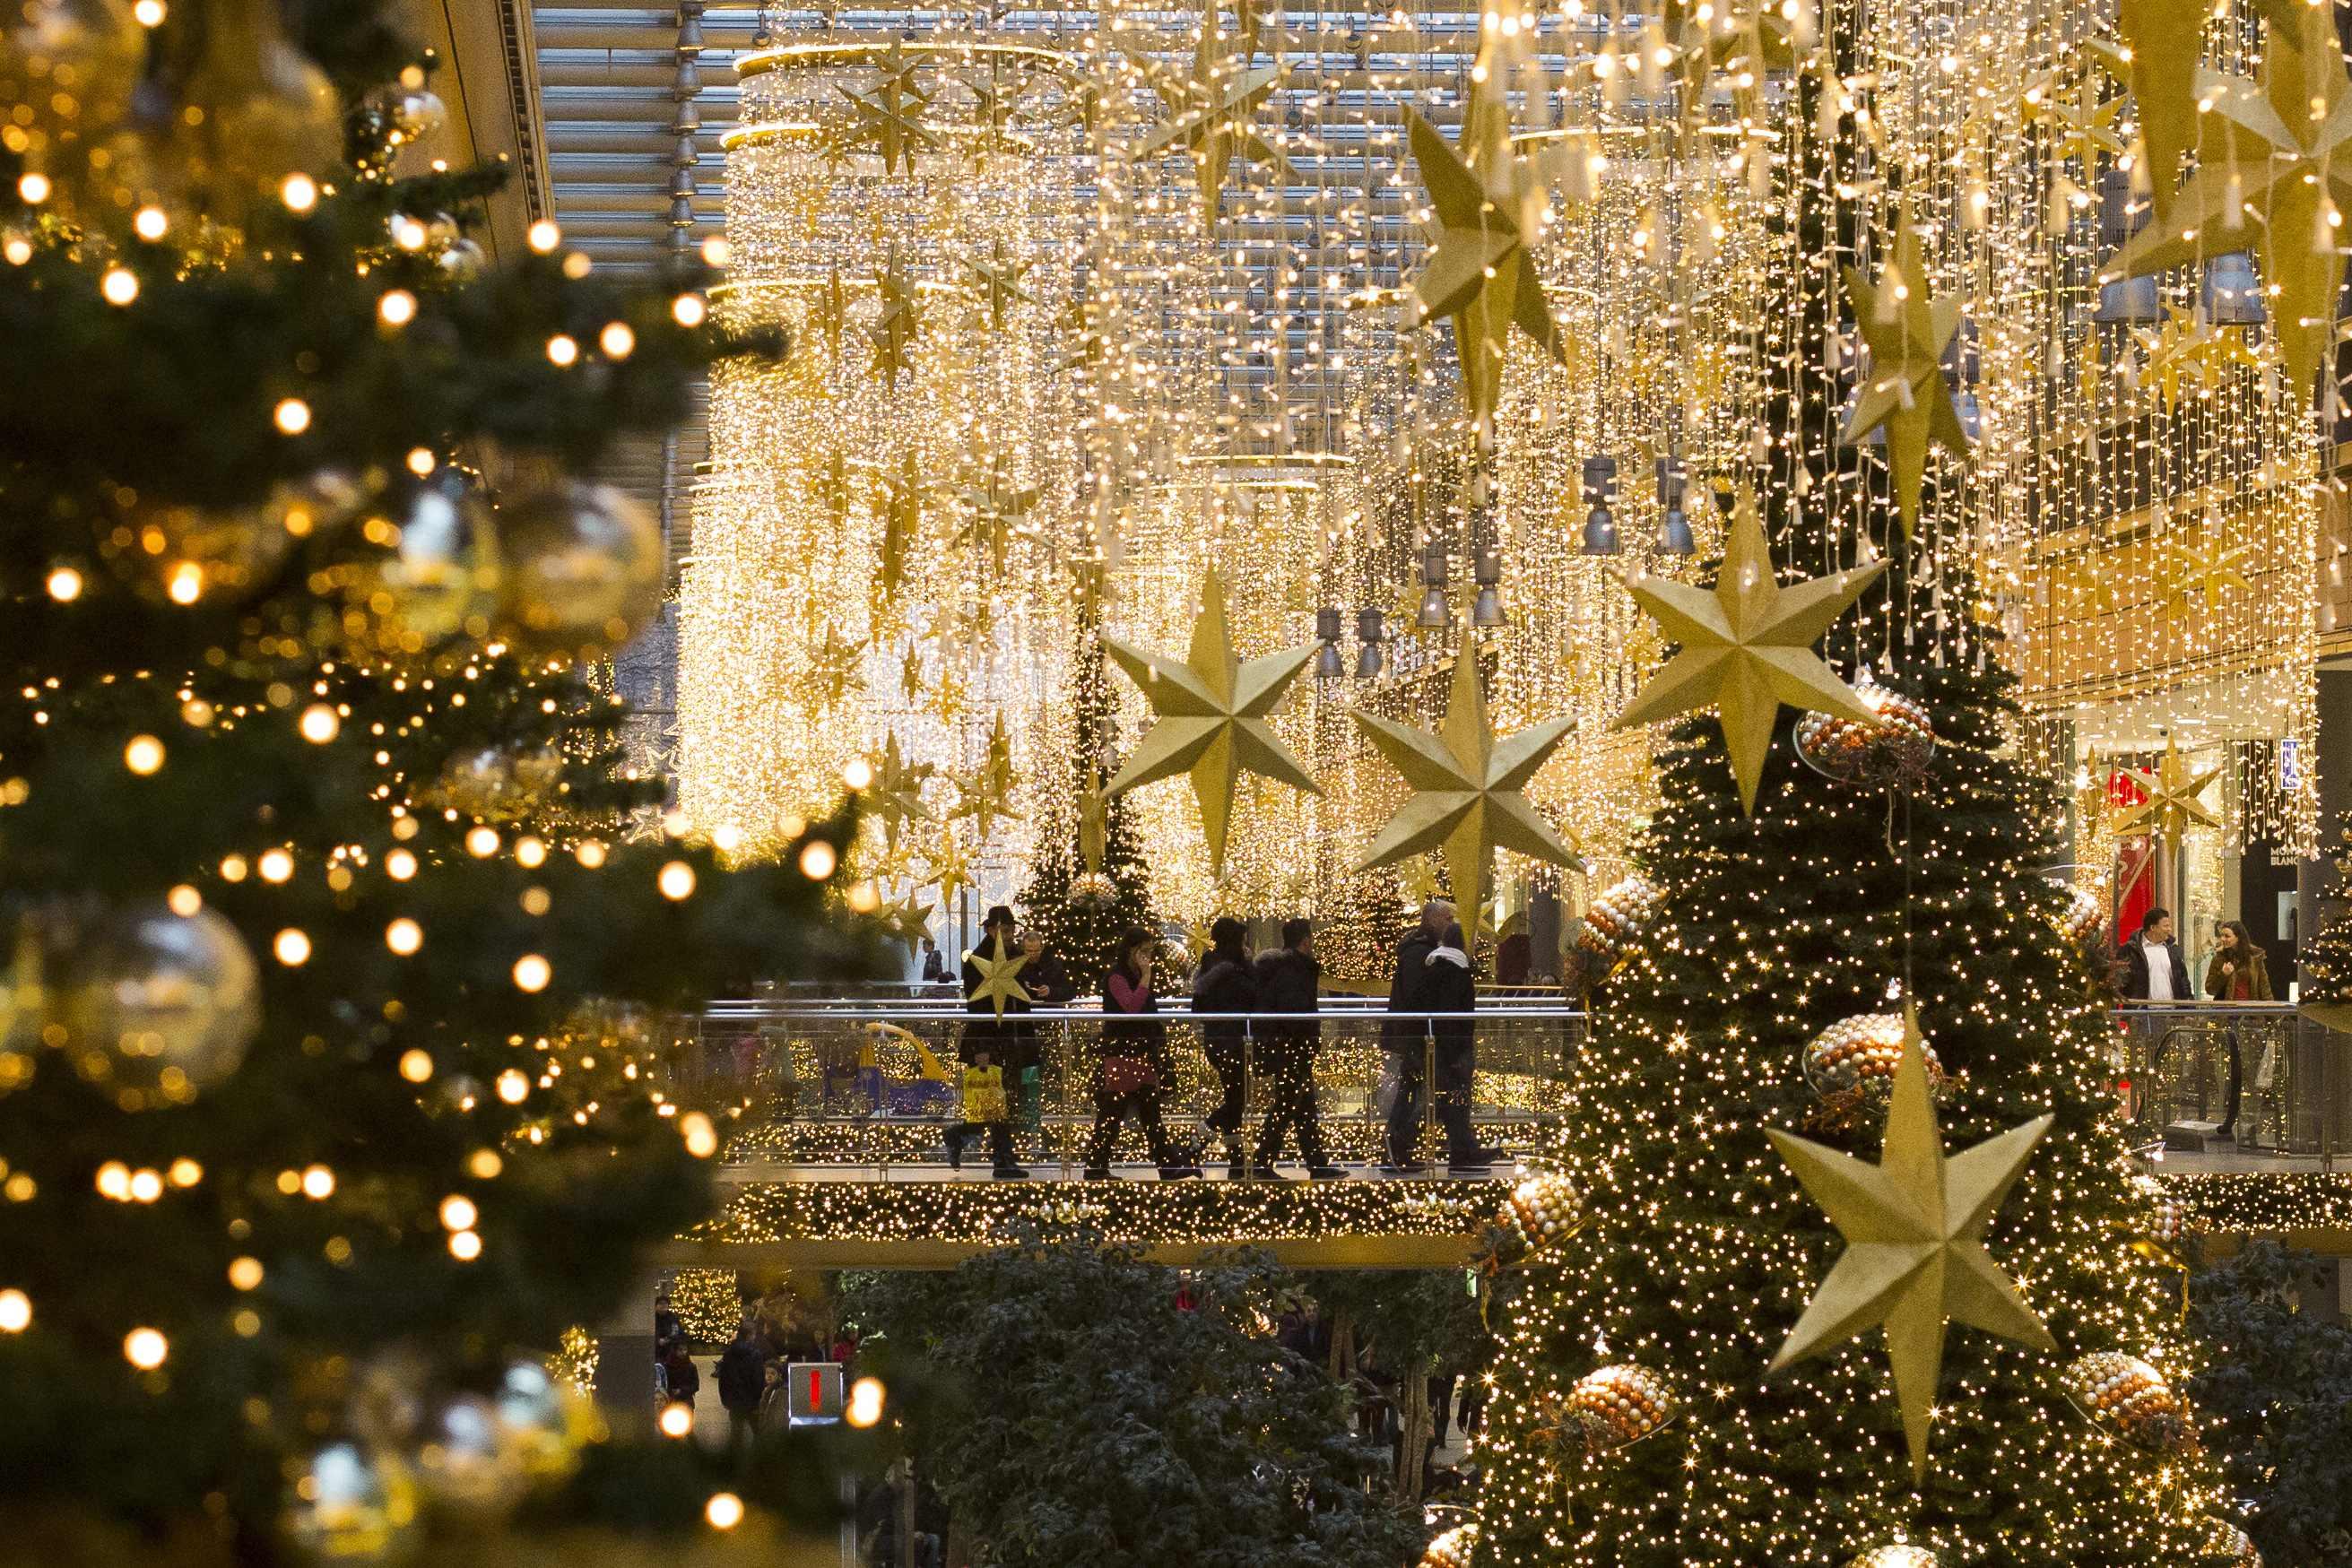 #B28519 Crisi Crollano I Consumi: è Il Peggior Natale Dal 2002  5939 Decoration De Noel Montreal 2623x1749 px @ aertt.com